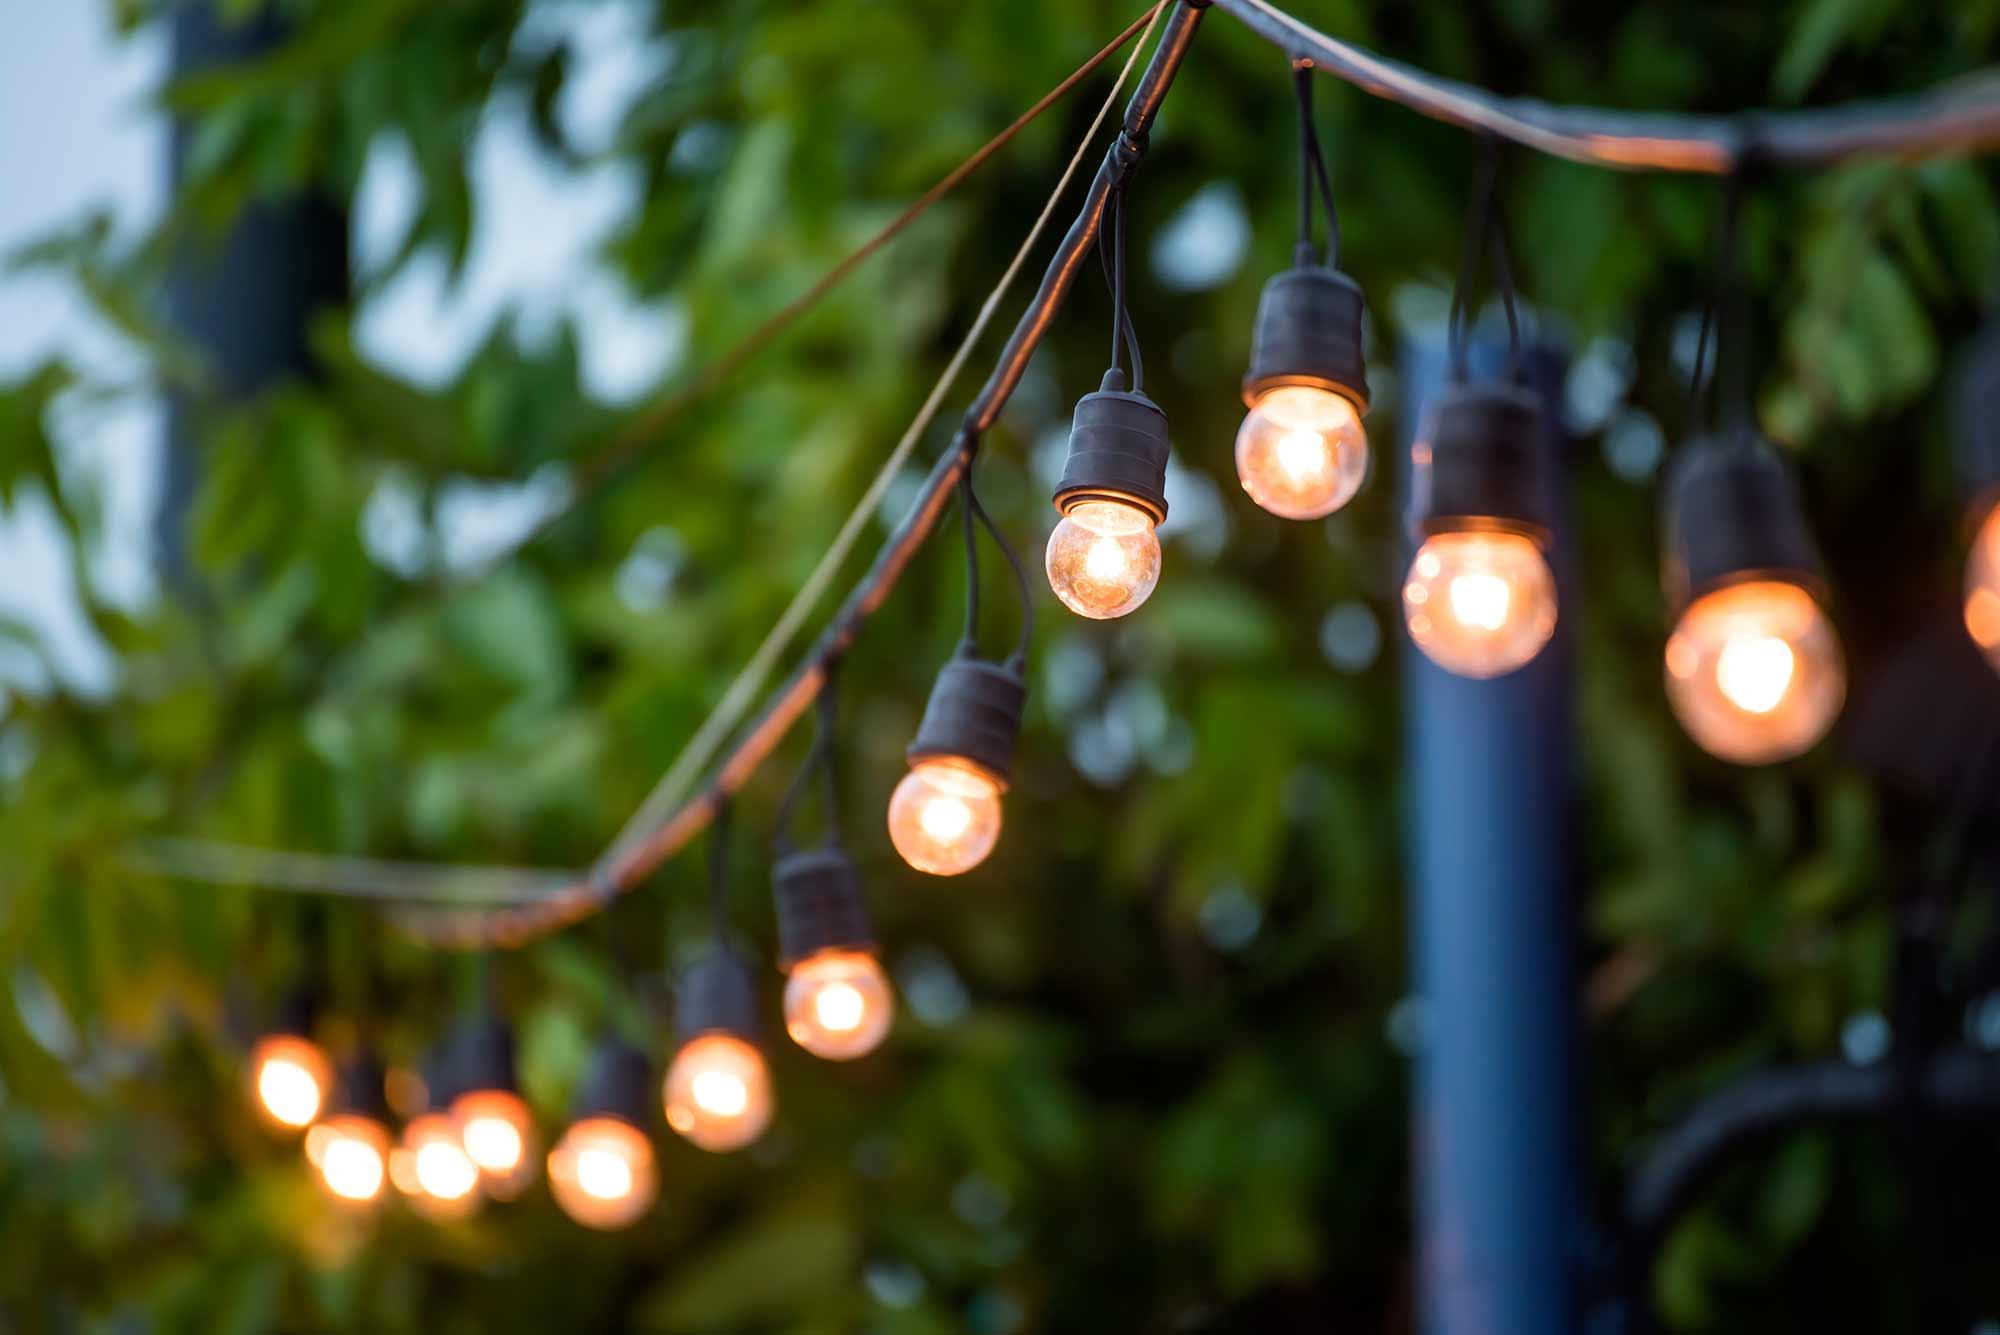 4.guirnalda-de-luces_10-piezas-clave-que-tu-terraza-está-pidiendo_WESTWING-MAGAZINE